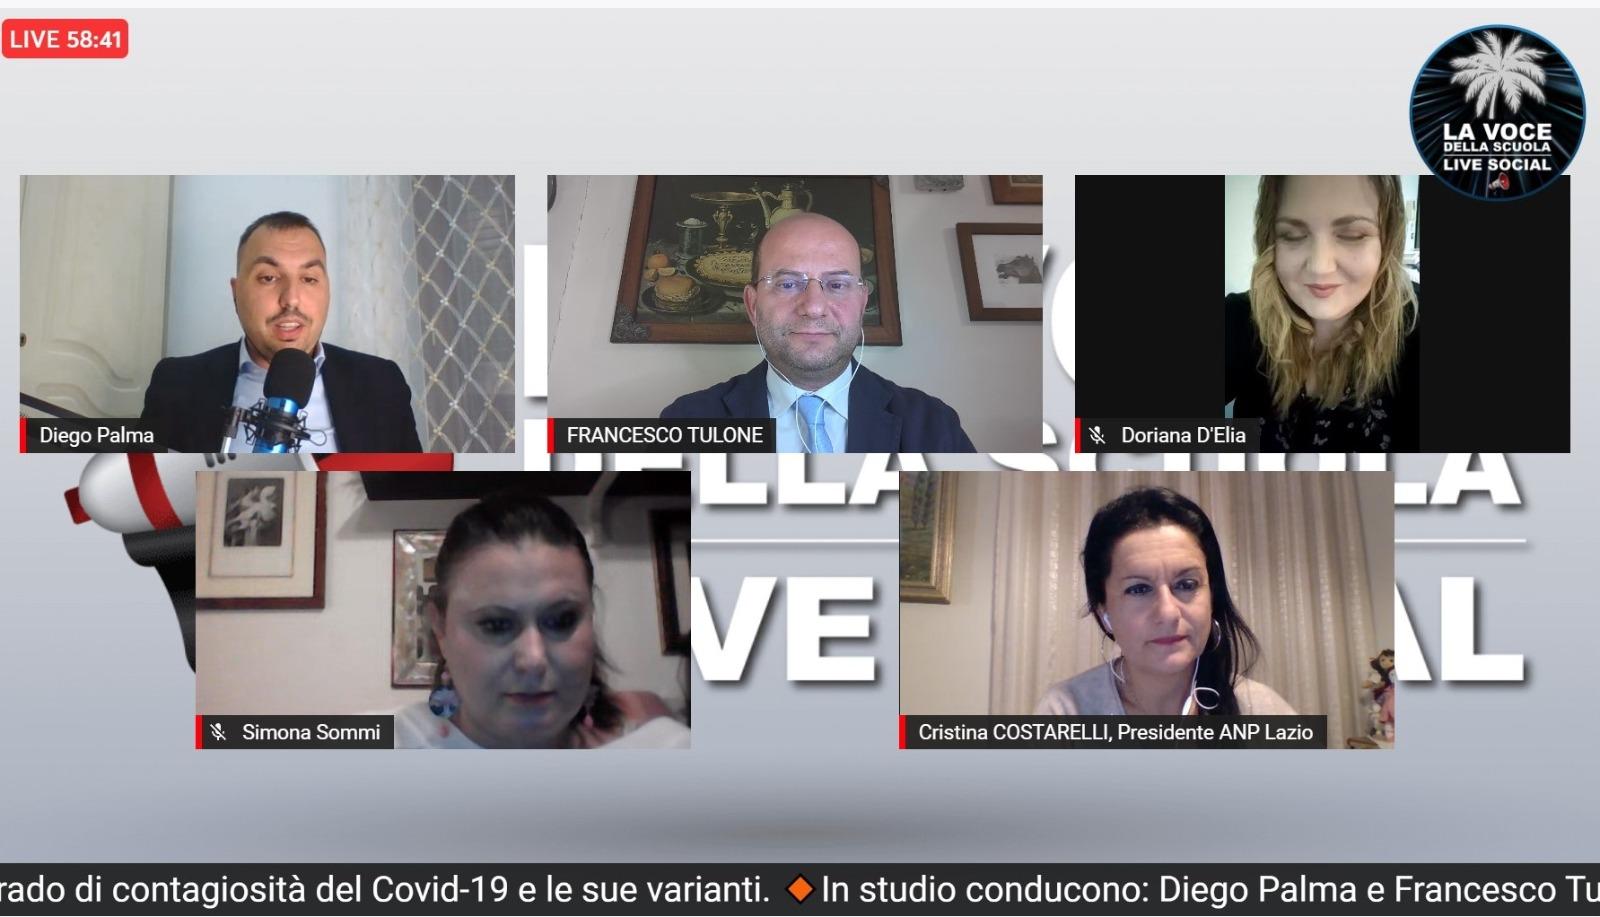 Simona Sommi, Responsabile Scuola Lega Regione Lombardia, durante l'intervista fatta dal Prof. Francesco Tulone nella 41esima puntata de La Voce della Scuola Live